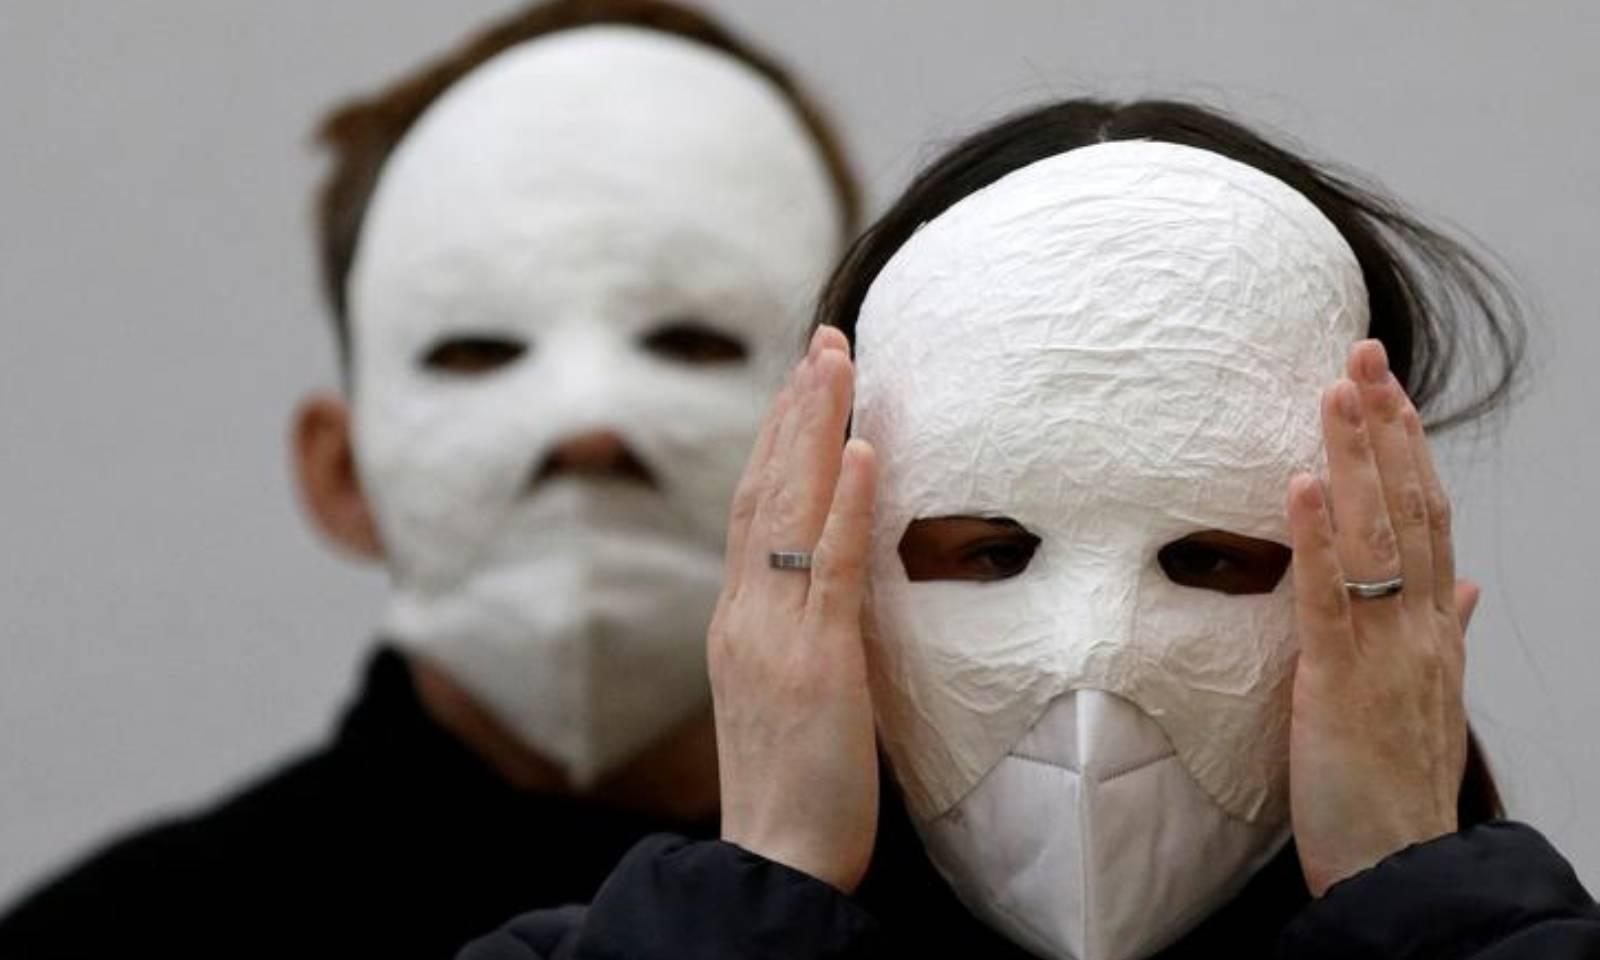 جمہوریہ چیک میں لوگوں نے مختلف ماسکس پہن کر ایسٹر کی تقریبات میں شرکت کی —فوٹو:رائٹرز